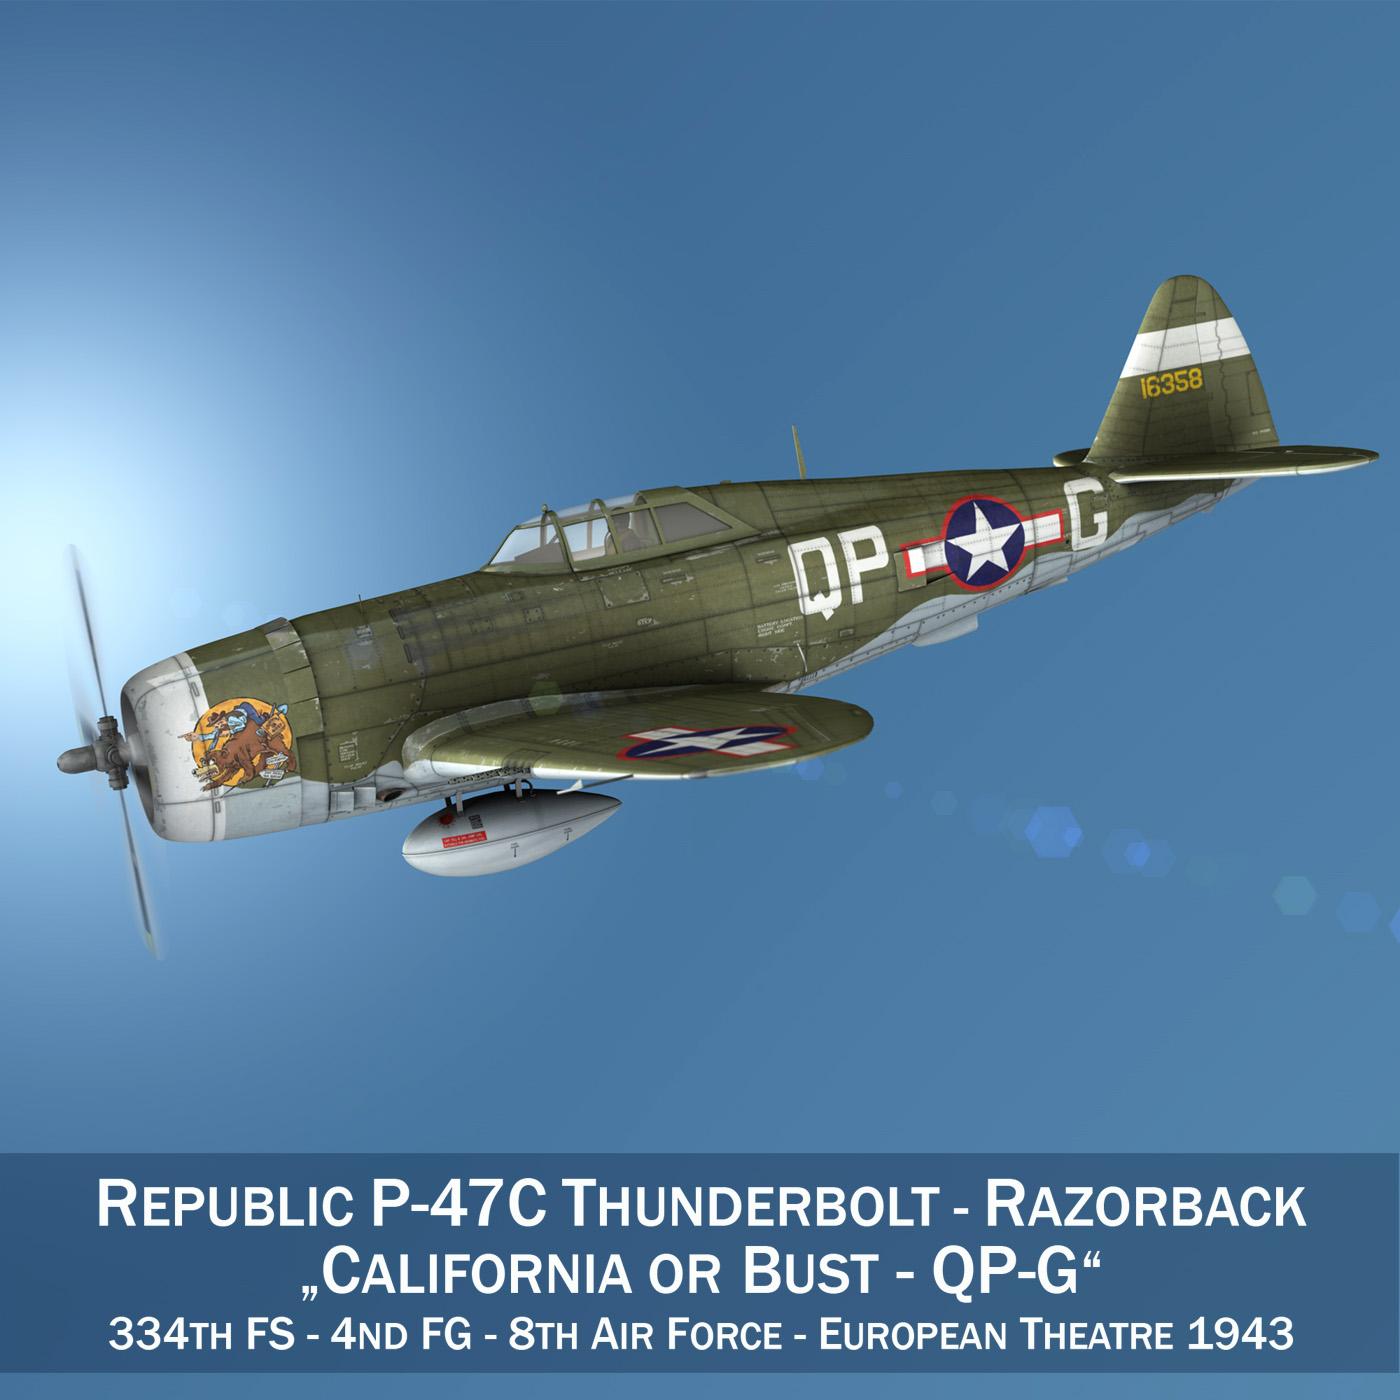 Republic P-47C Thunderbolt - California or Bust 3d model 3ds fbx c4d lwo lws lw obj 281805